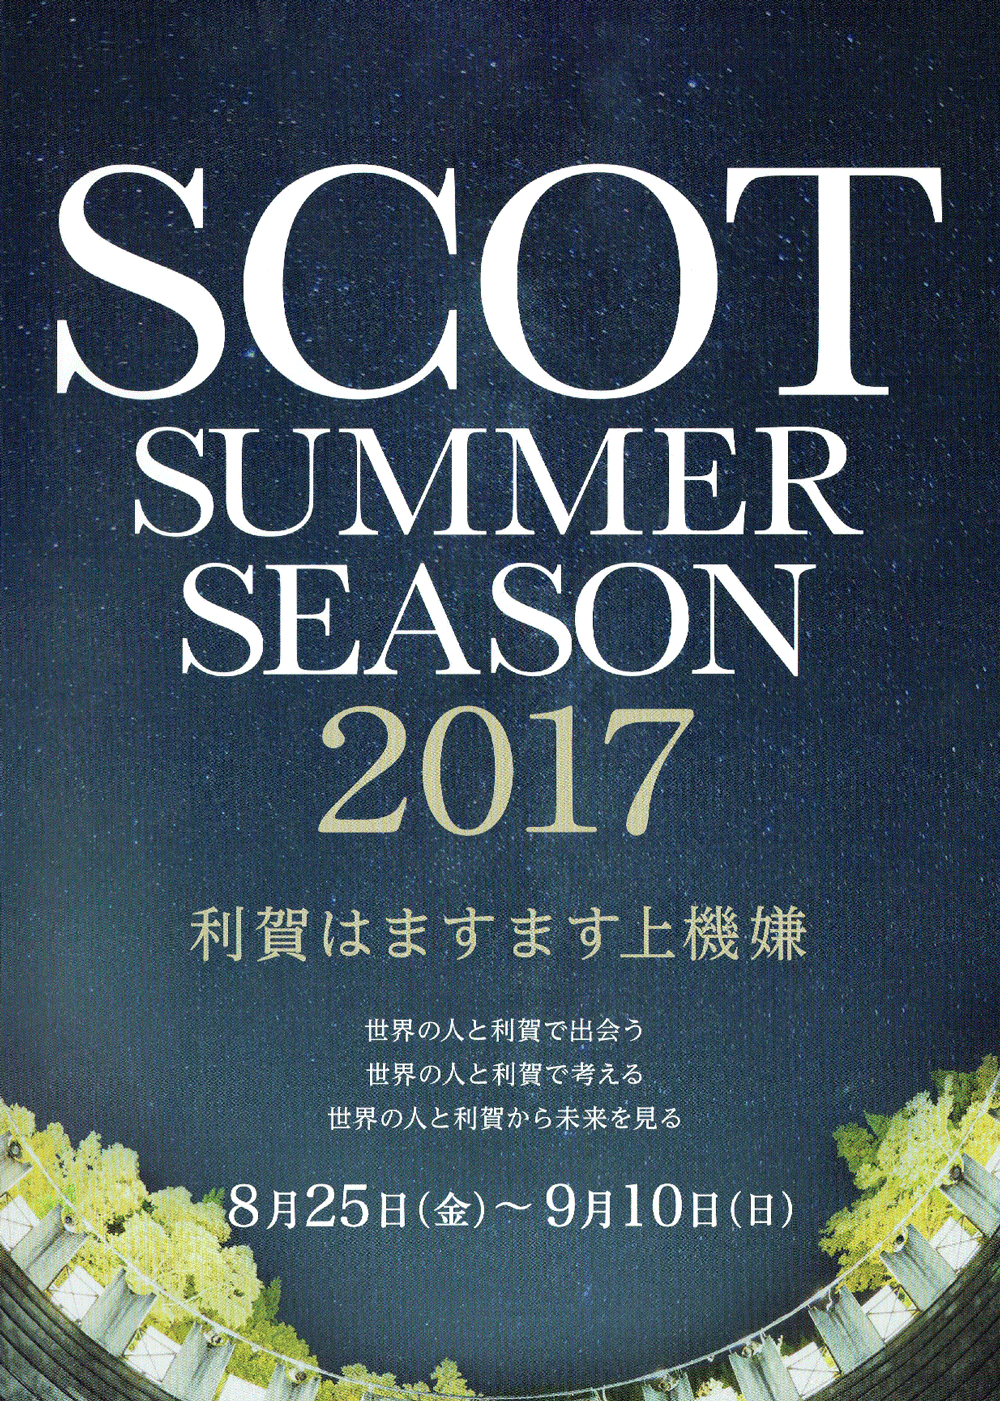 スコットサマーシーズン2017のポスター